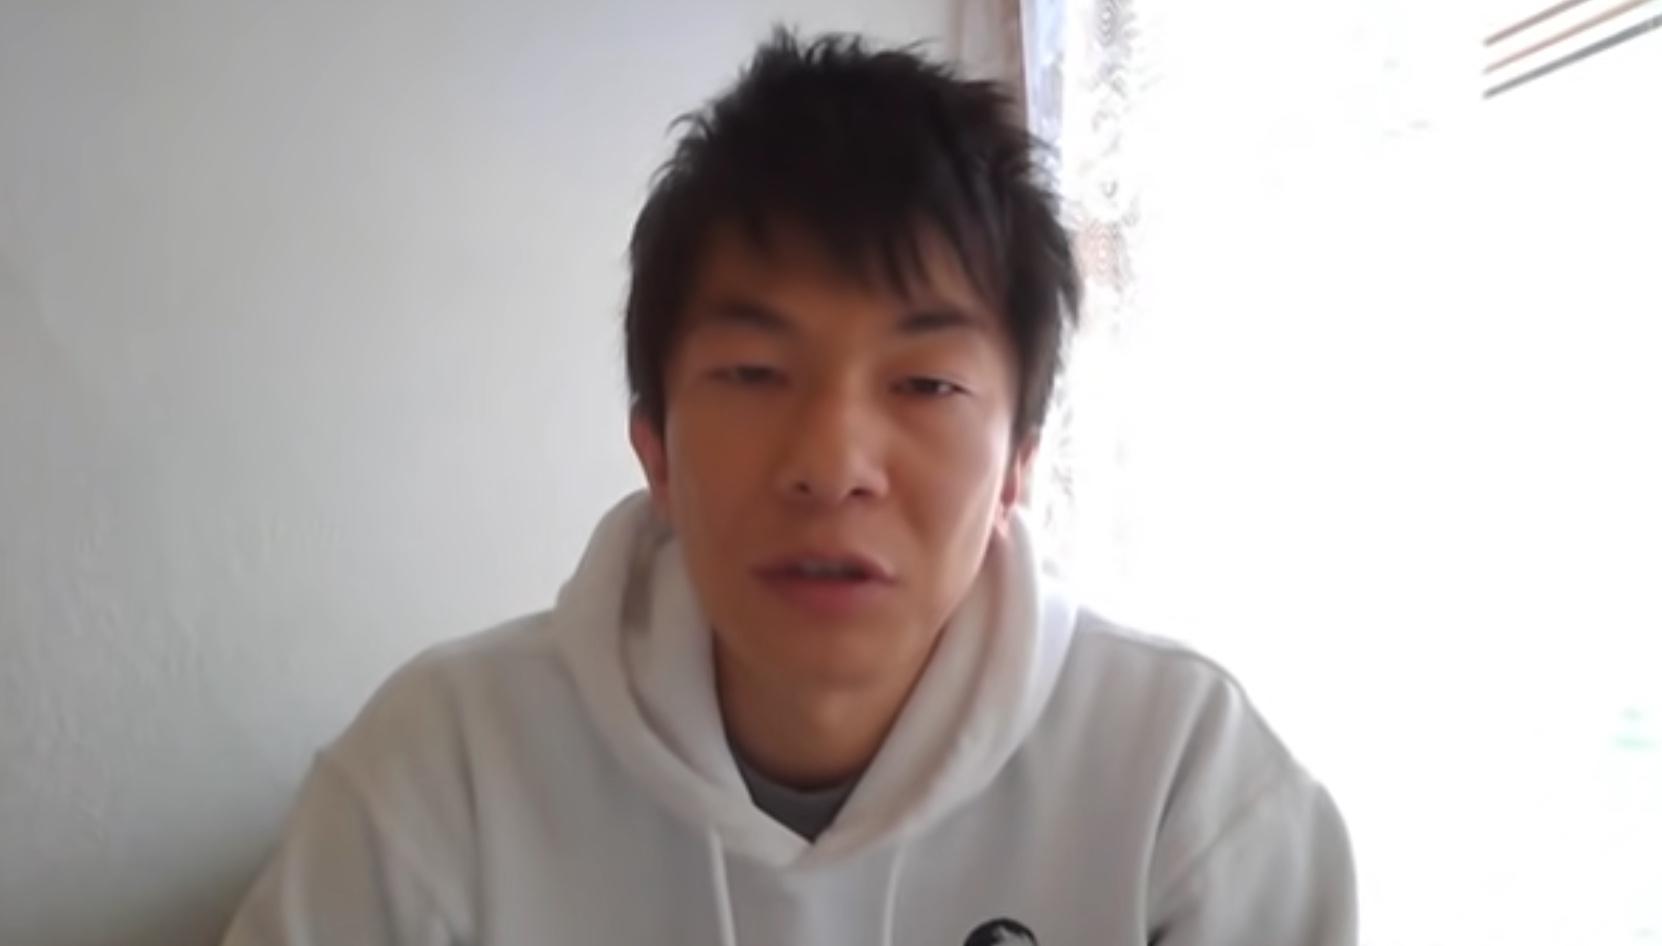 令和納豆さん なぜか炎上対策の動画を公開